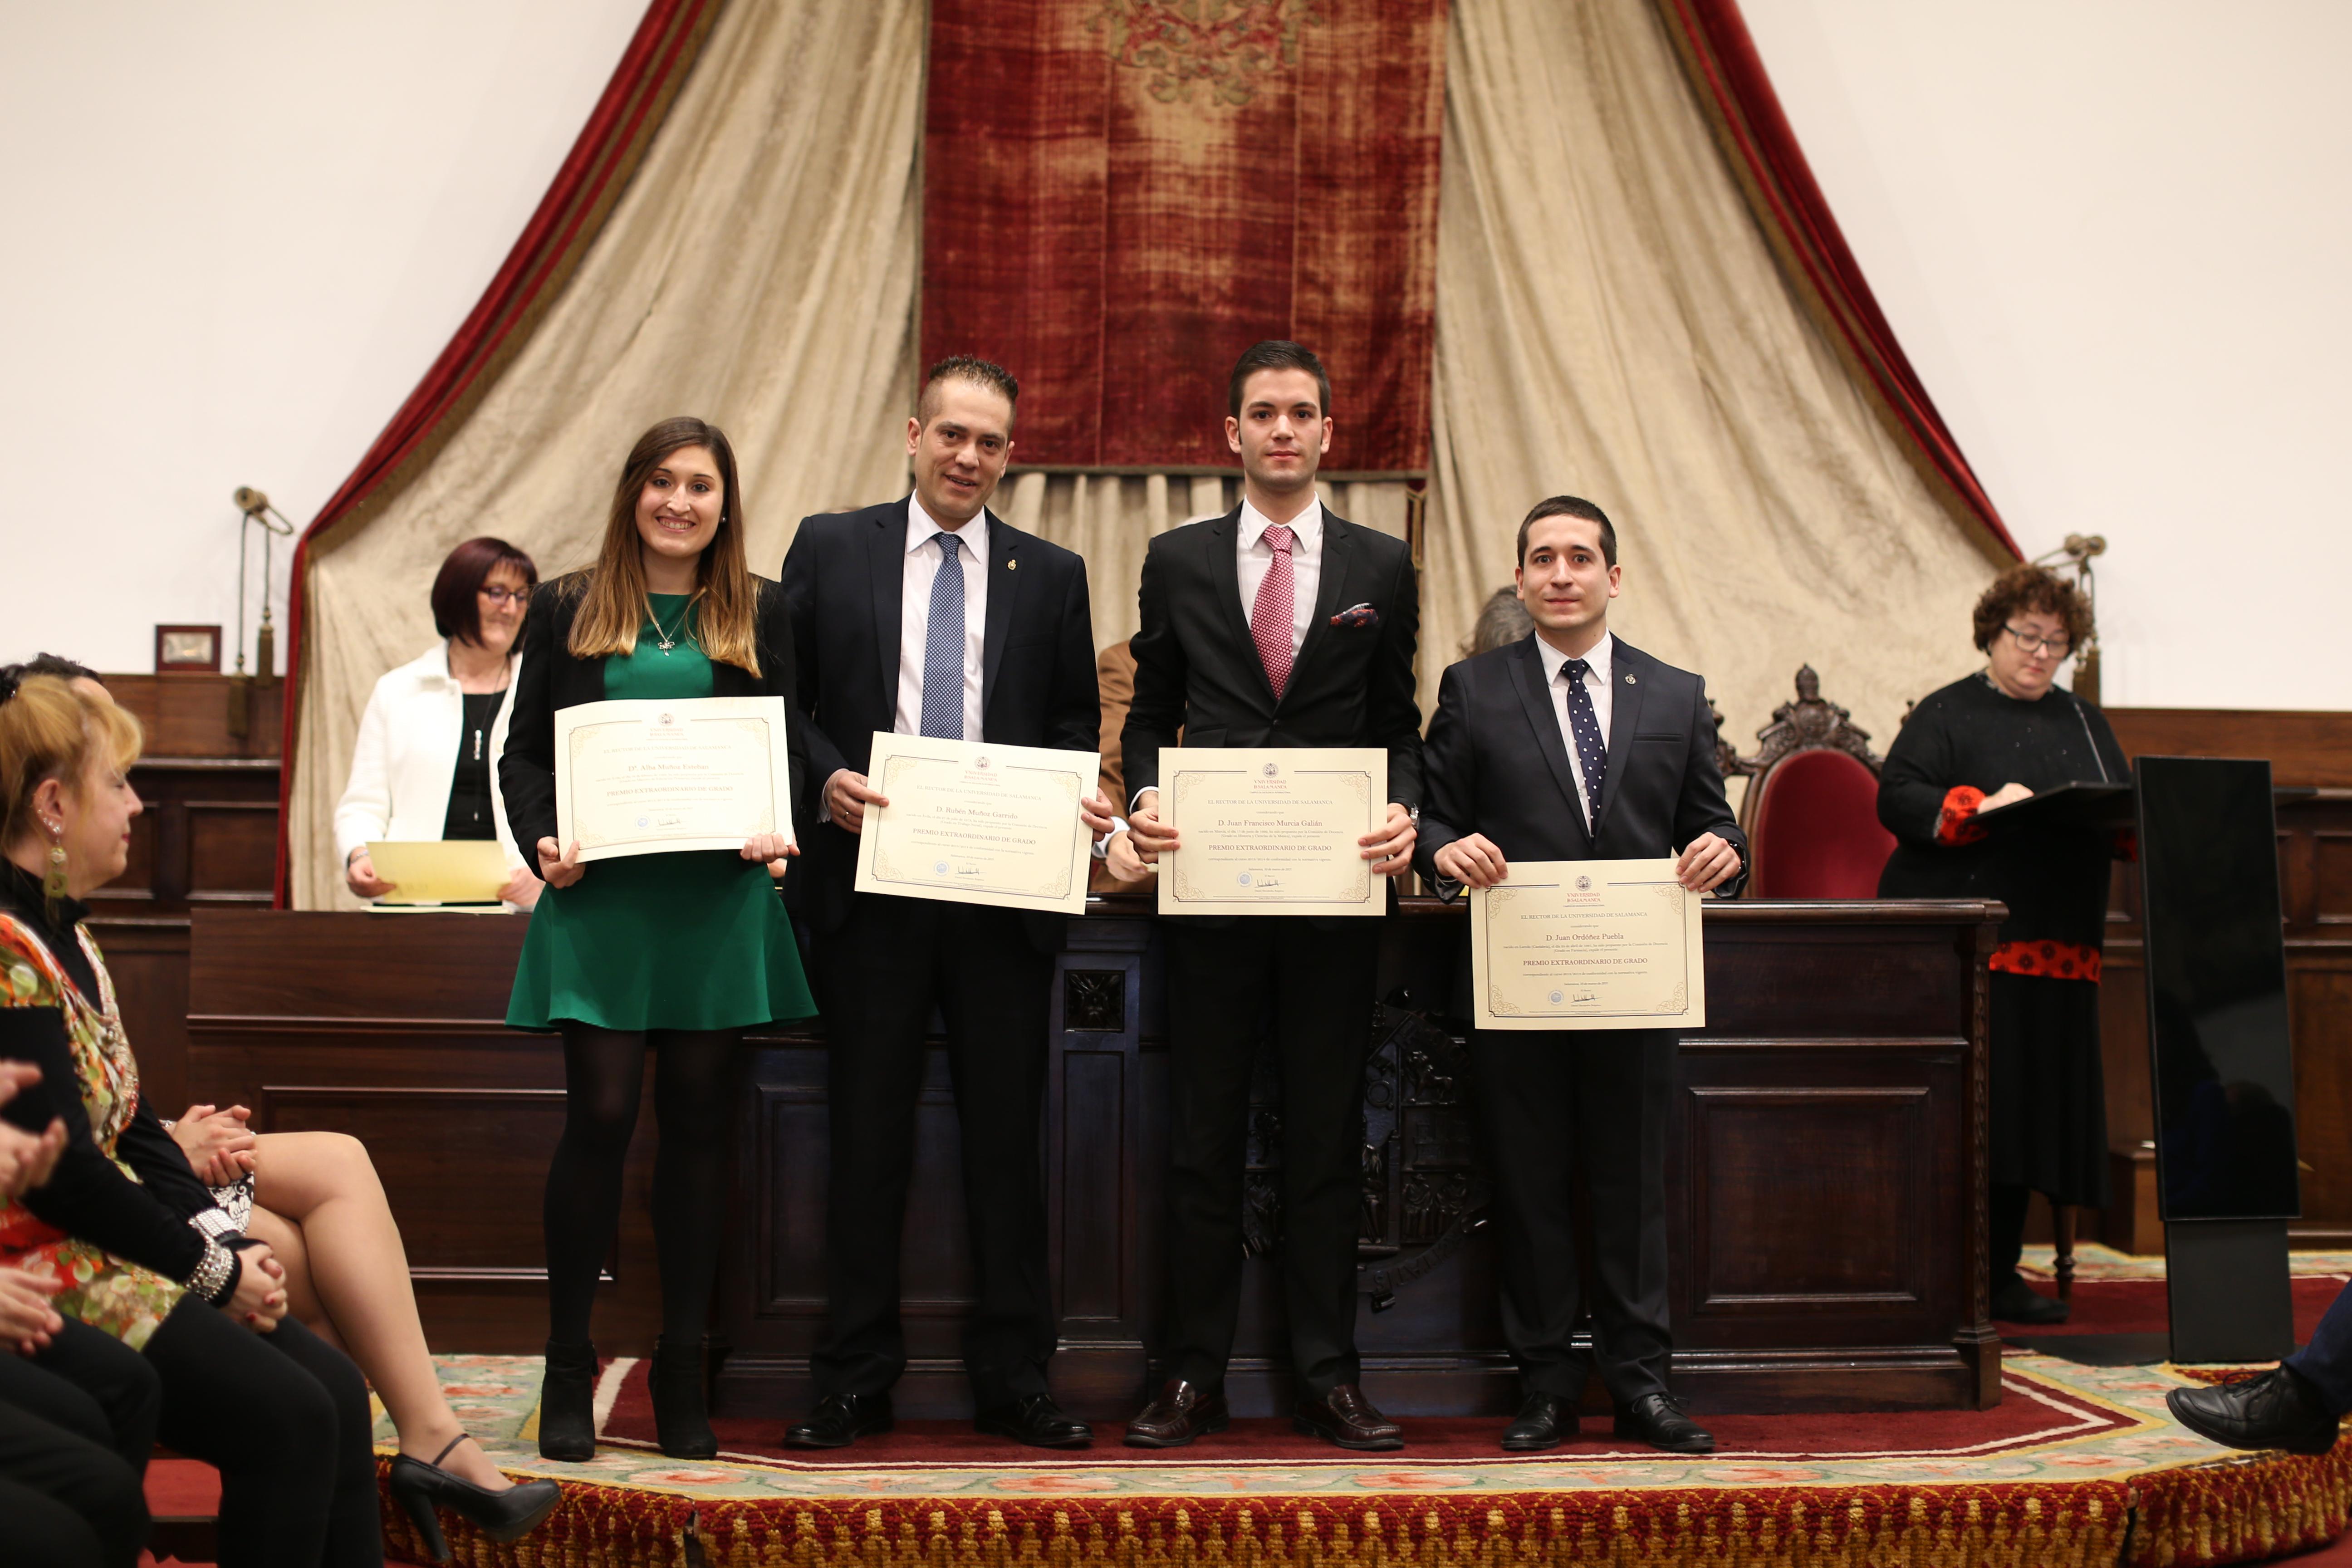 Fotografía de Premio Extraordinario de Grado y de Grado de Salamanca 10